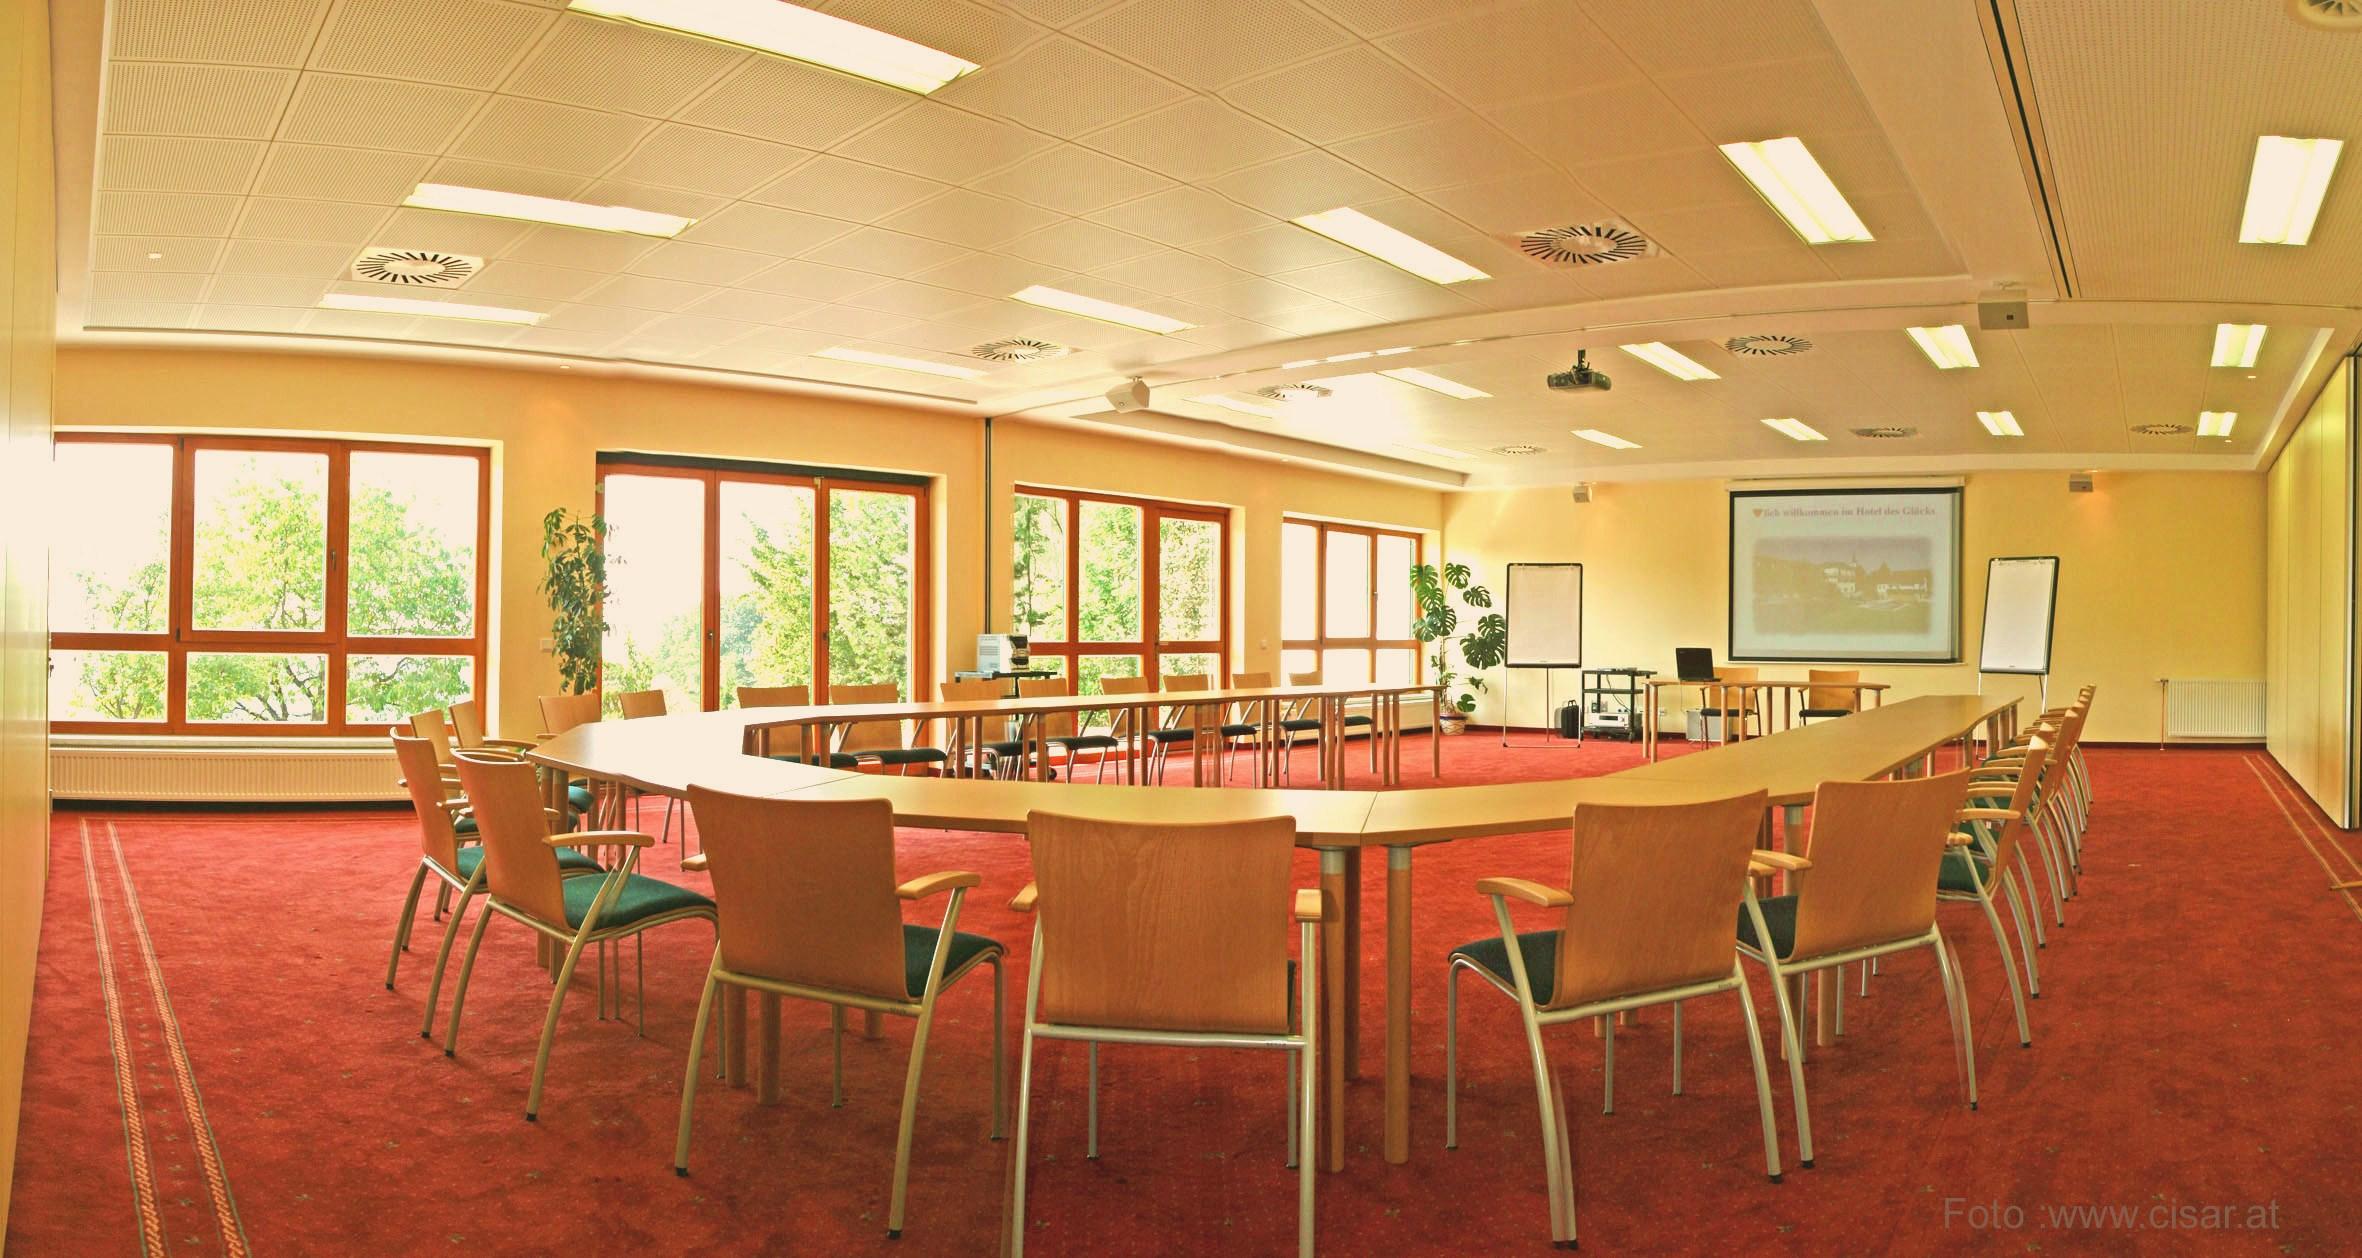 Das Hotel des Glücks in St. Oswald/NÖ – insbesondere bei Ihrem Seminar